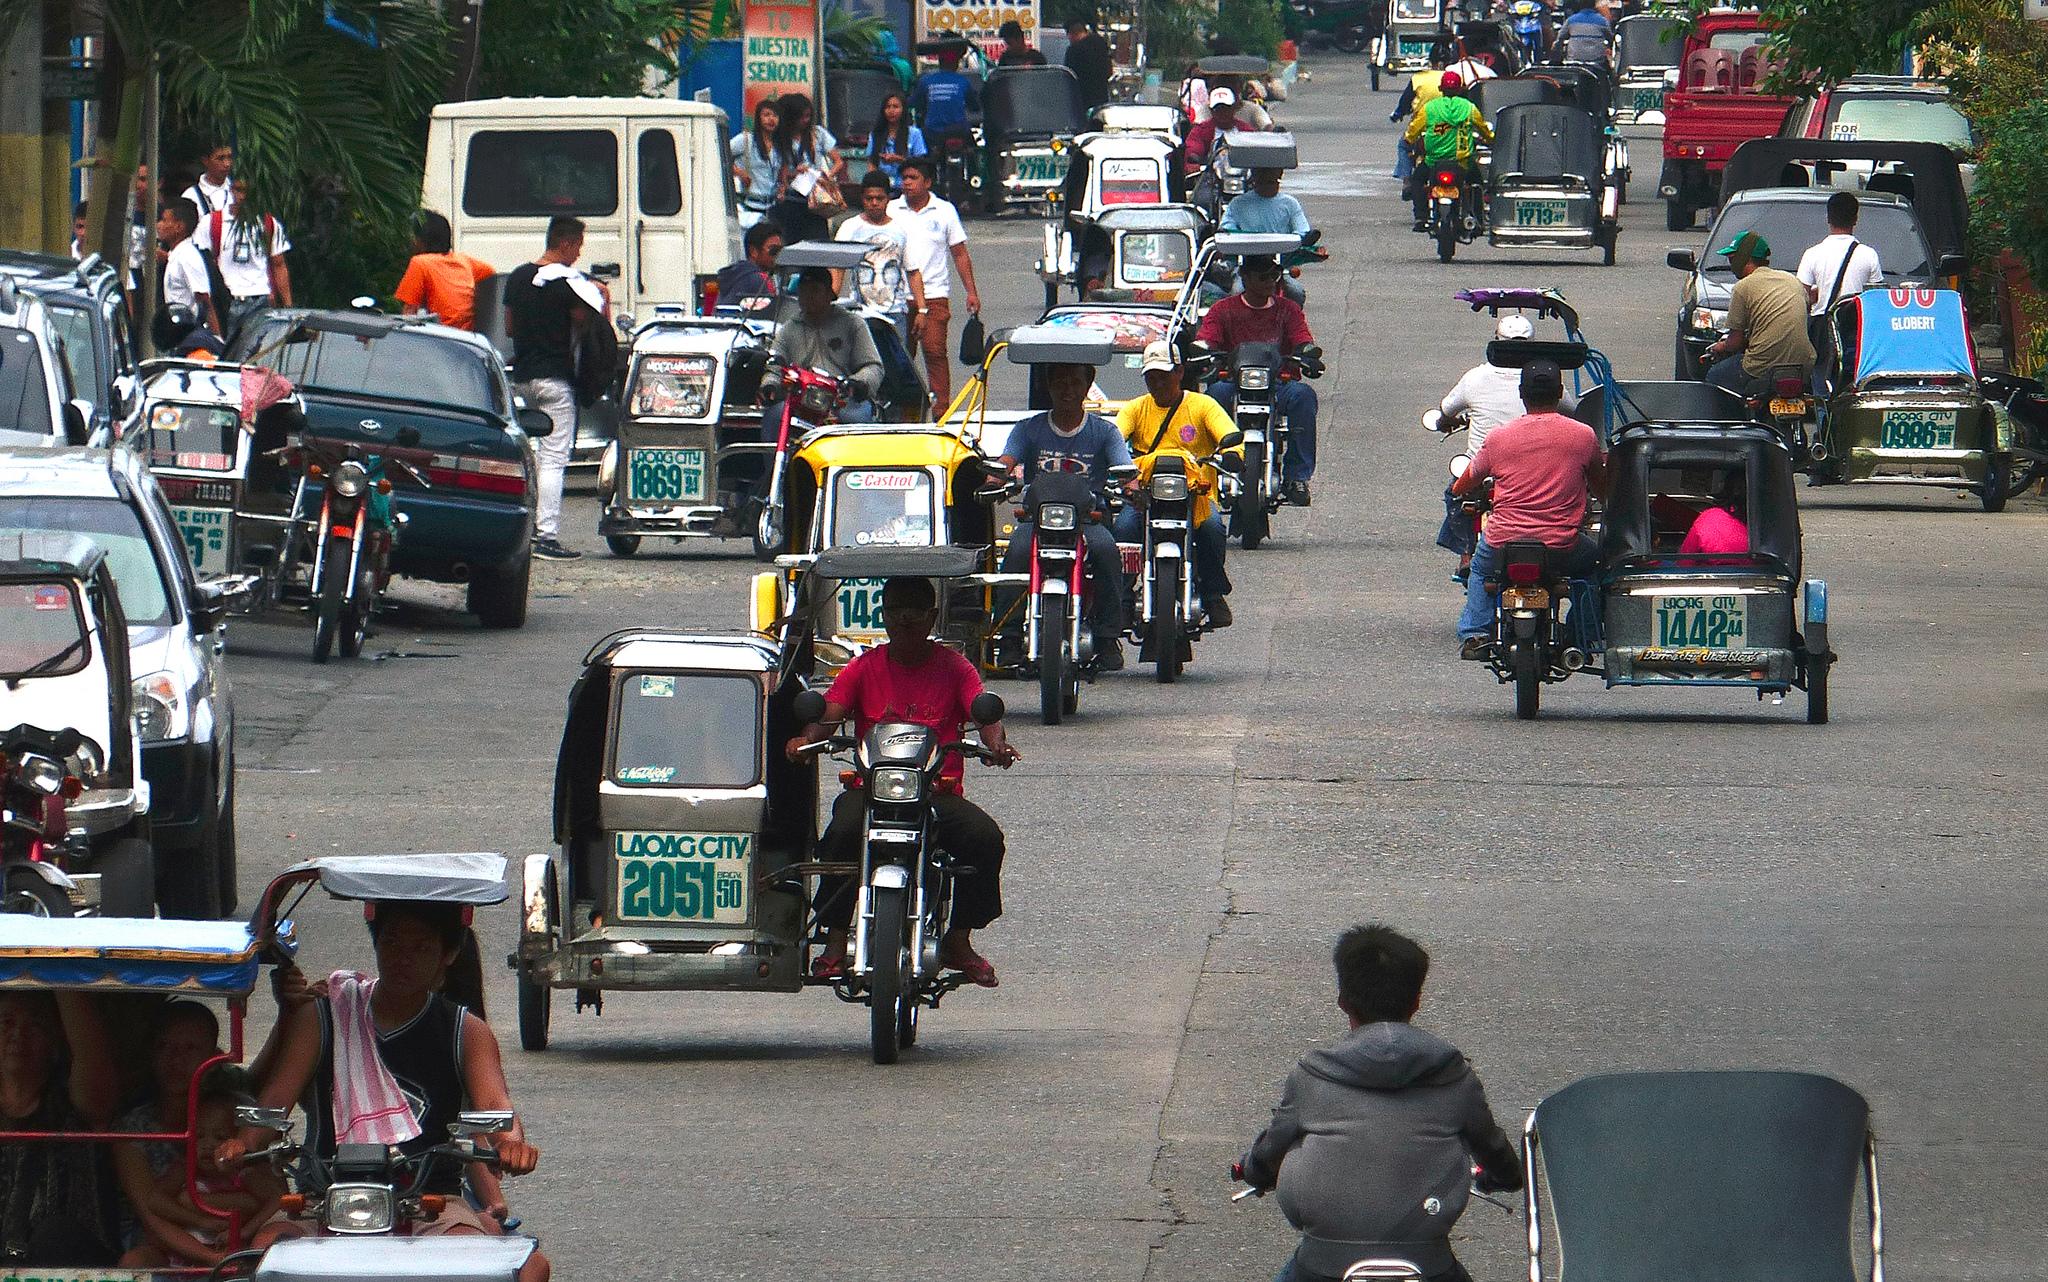 菲律賓成亞洲之虎背後的幽暗陰影,2 千萬人淪保鮮期 6 個月的免洗勞工